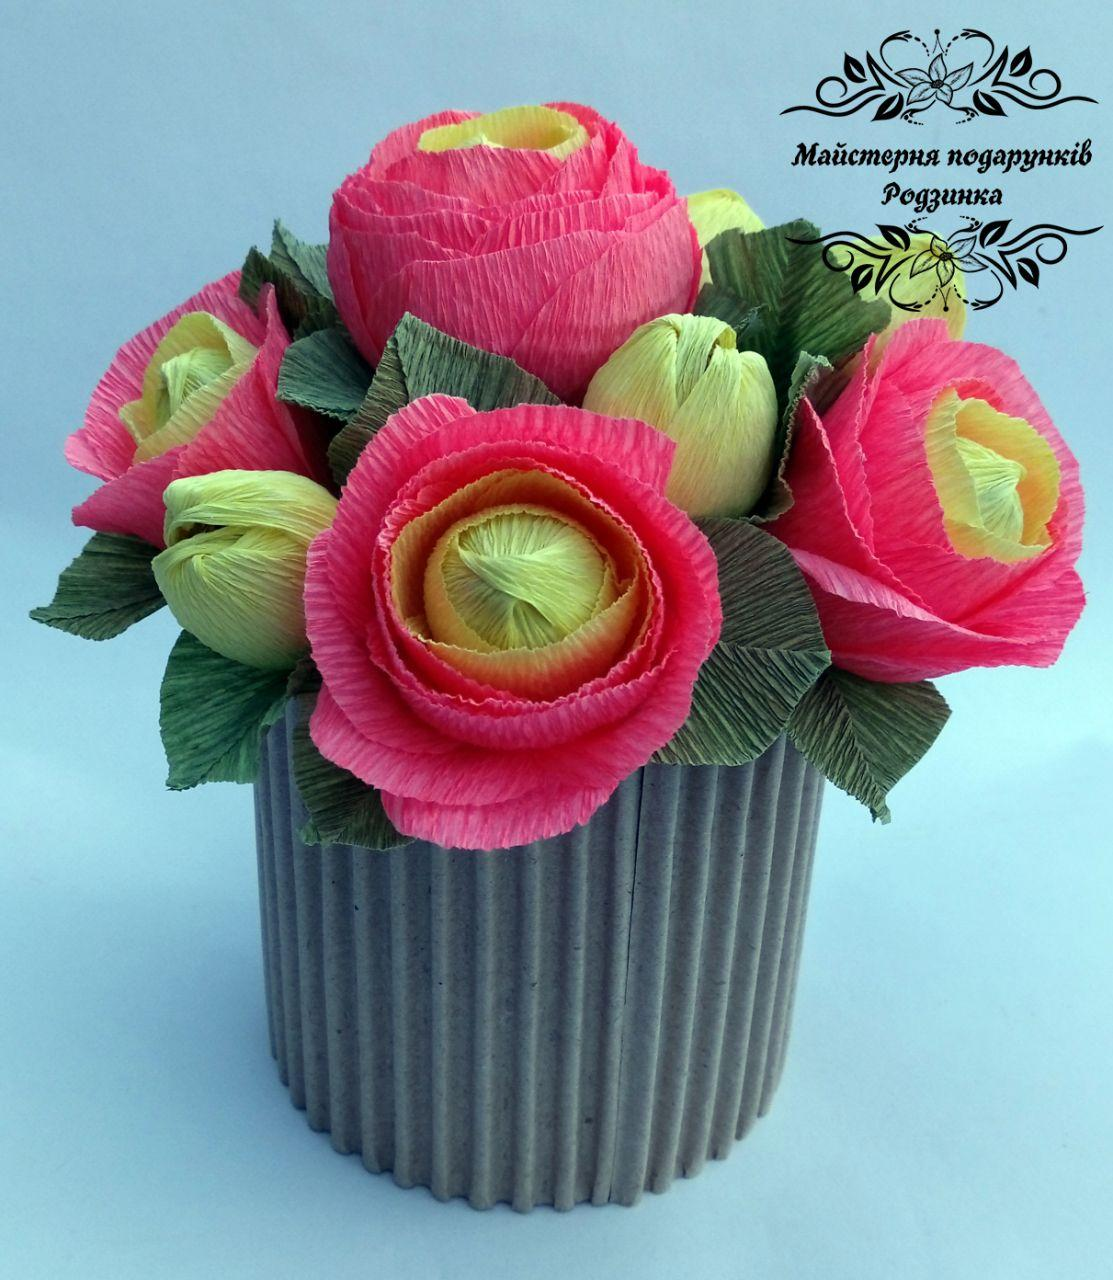 Подарунок букет з цукерок троянди в коробці